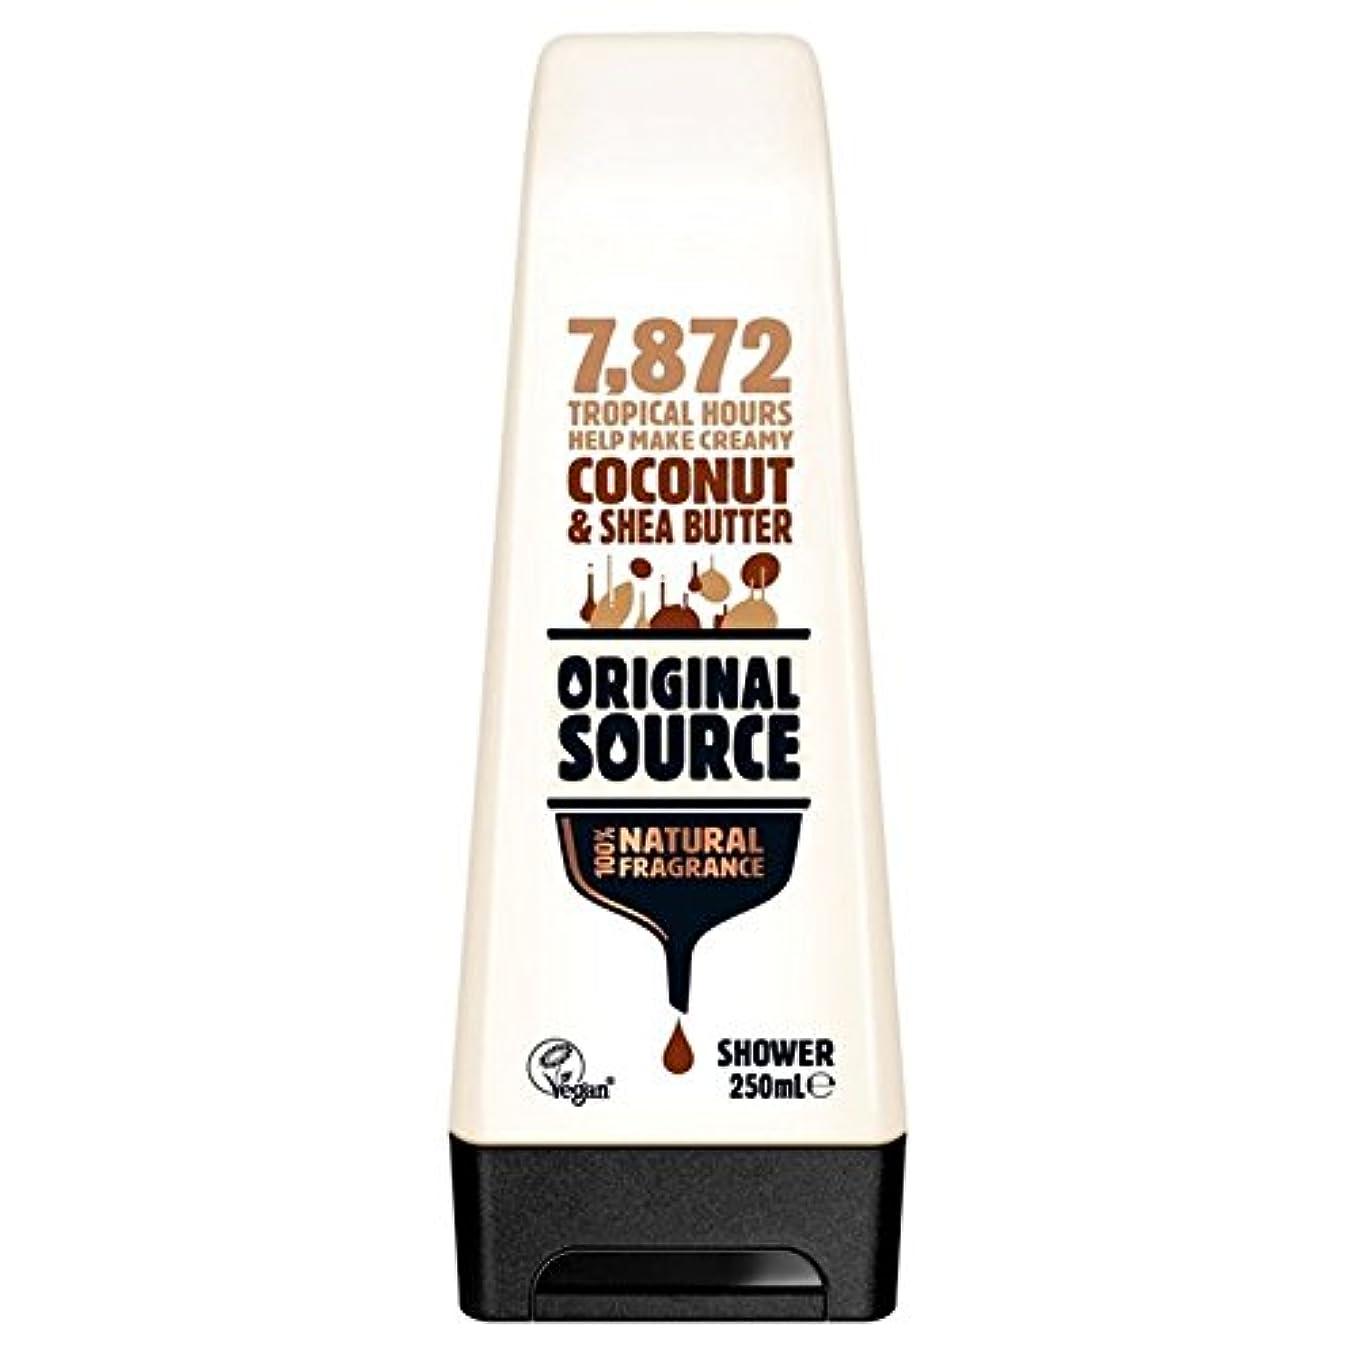 サーキットに行く動かす用心深いOriginal Source Moisturising Coconut & Shea Butter Shower Gel 250ml - 元のソース保湿ココナッツ&シアバターシャワージェル250ミリリットル [並行輸入品]